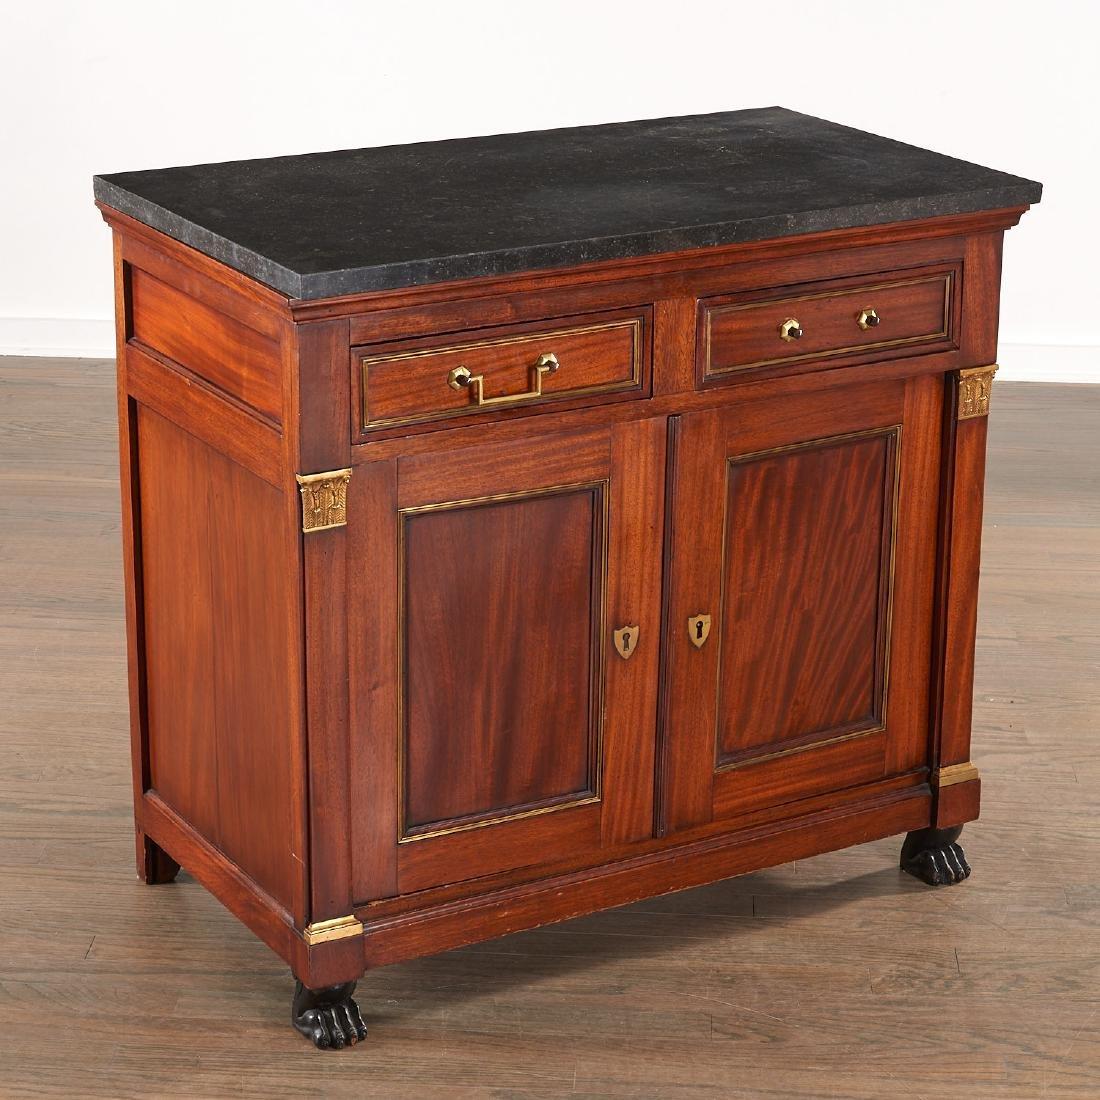 Regency style mahogany cabinet